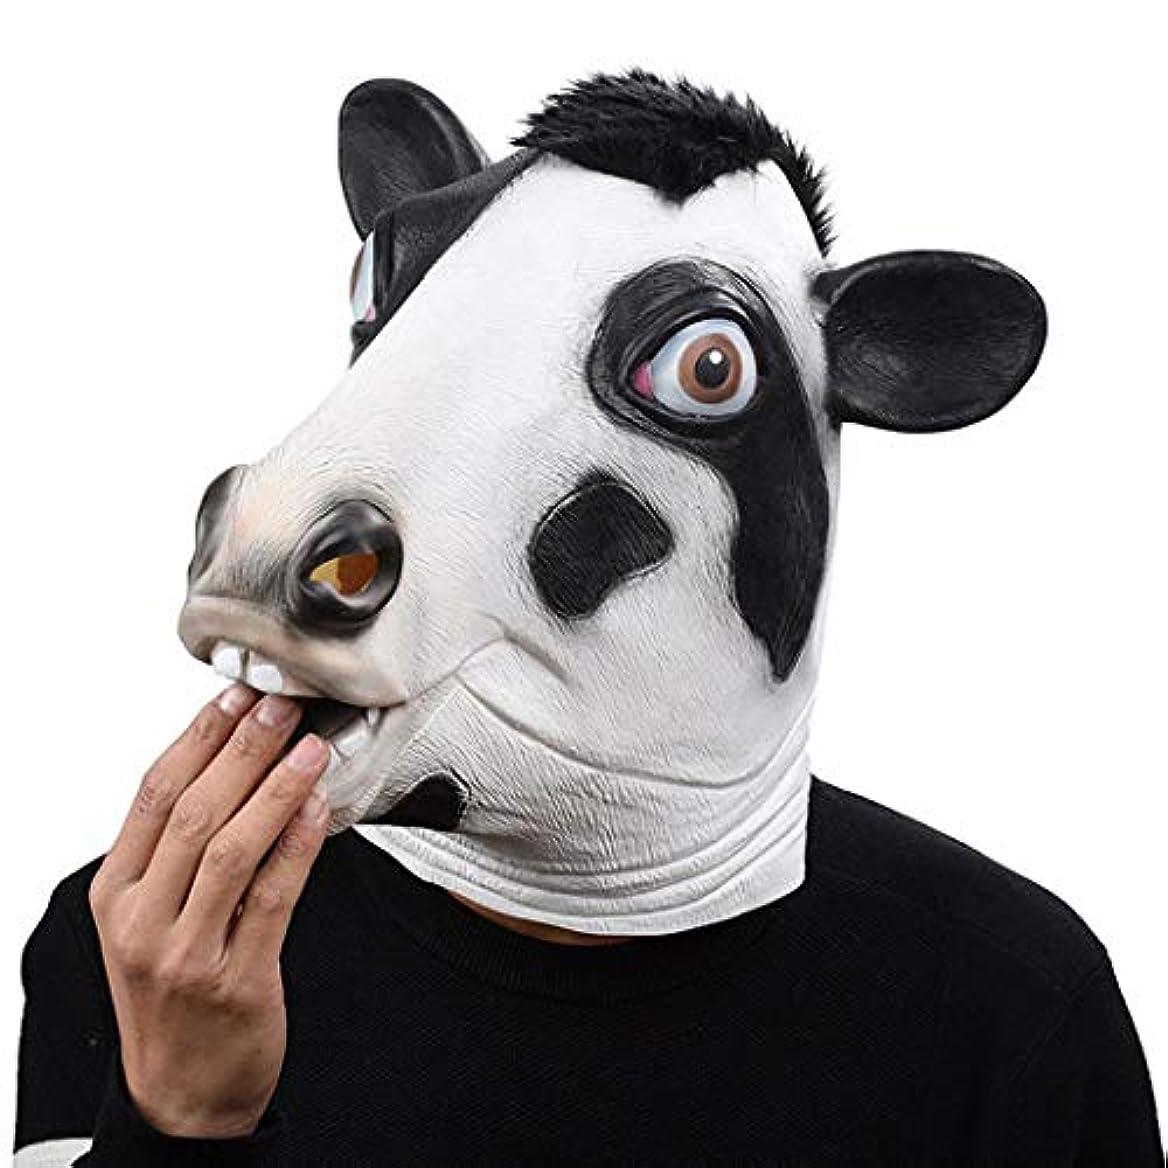 予知ブームみなすハロウィンマスククリスマスボール牛スタイリングマスクパーティーマスクゲーム面白いパーティー用品